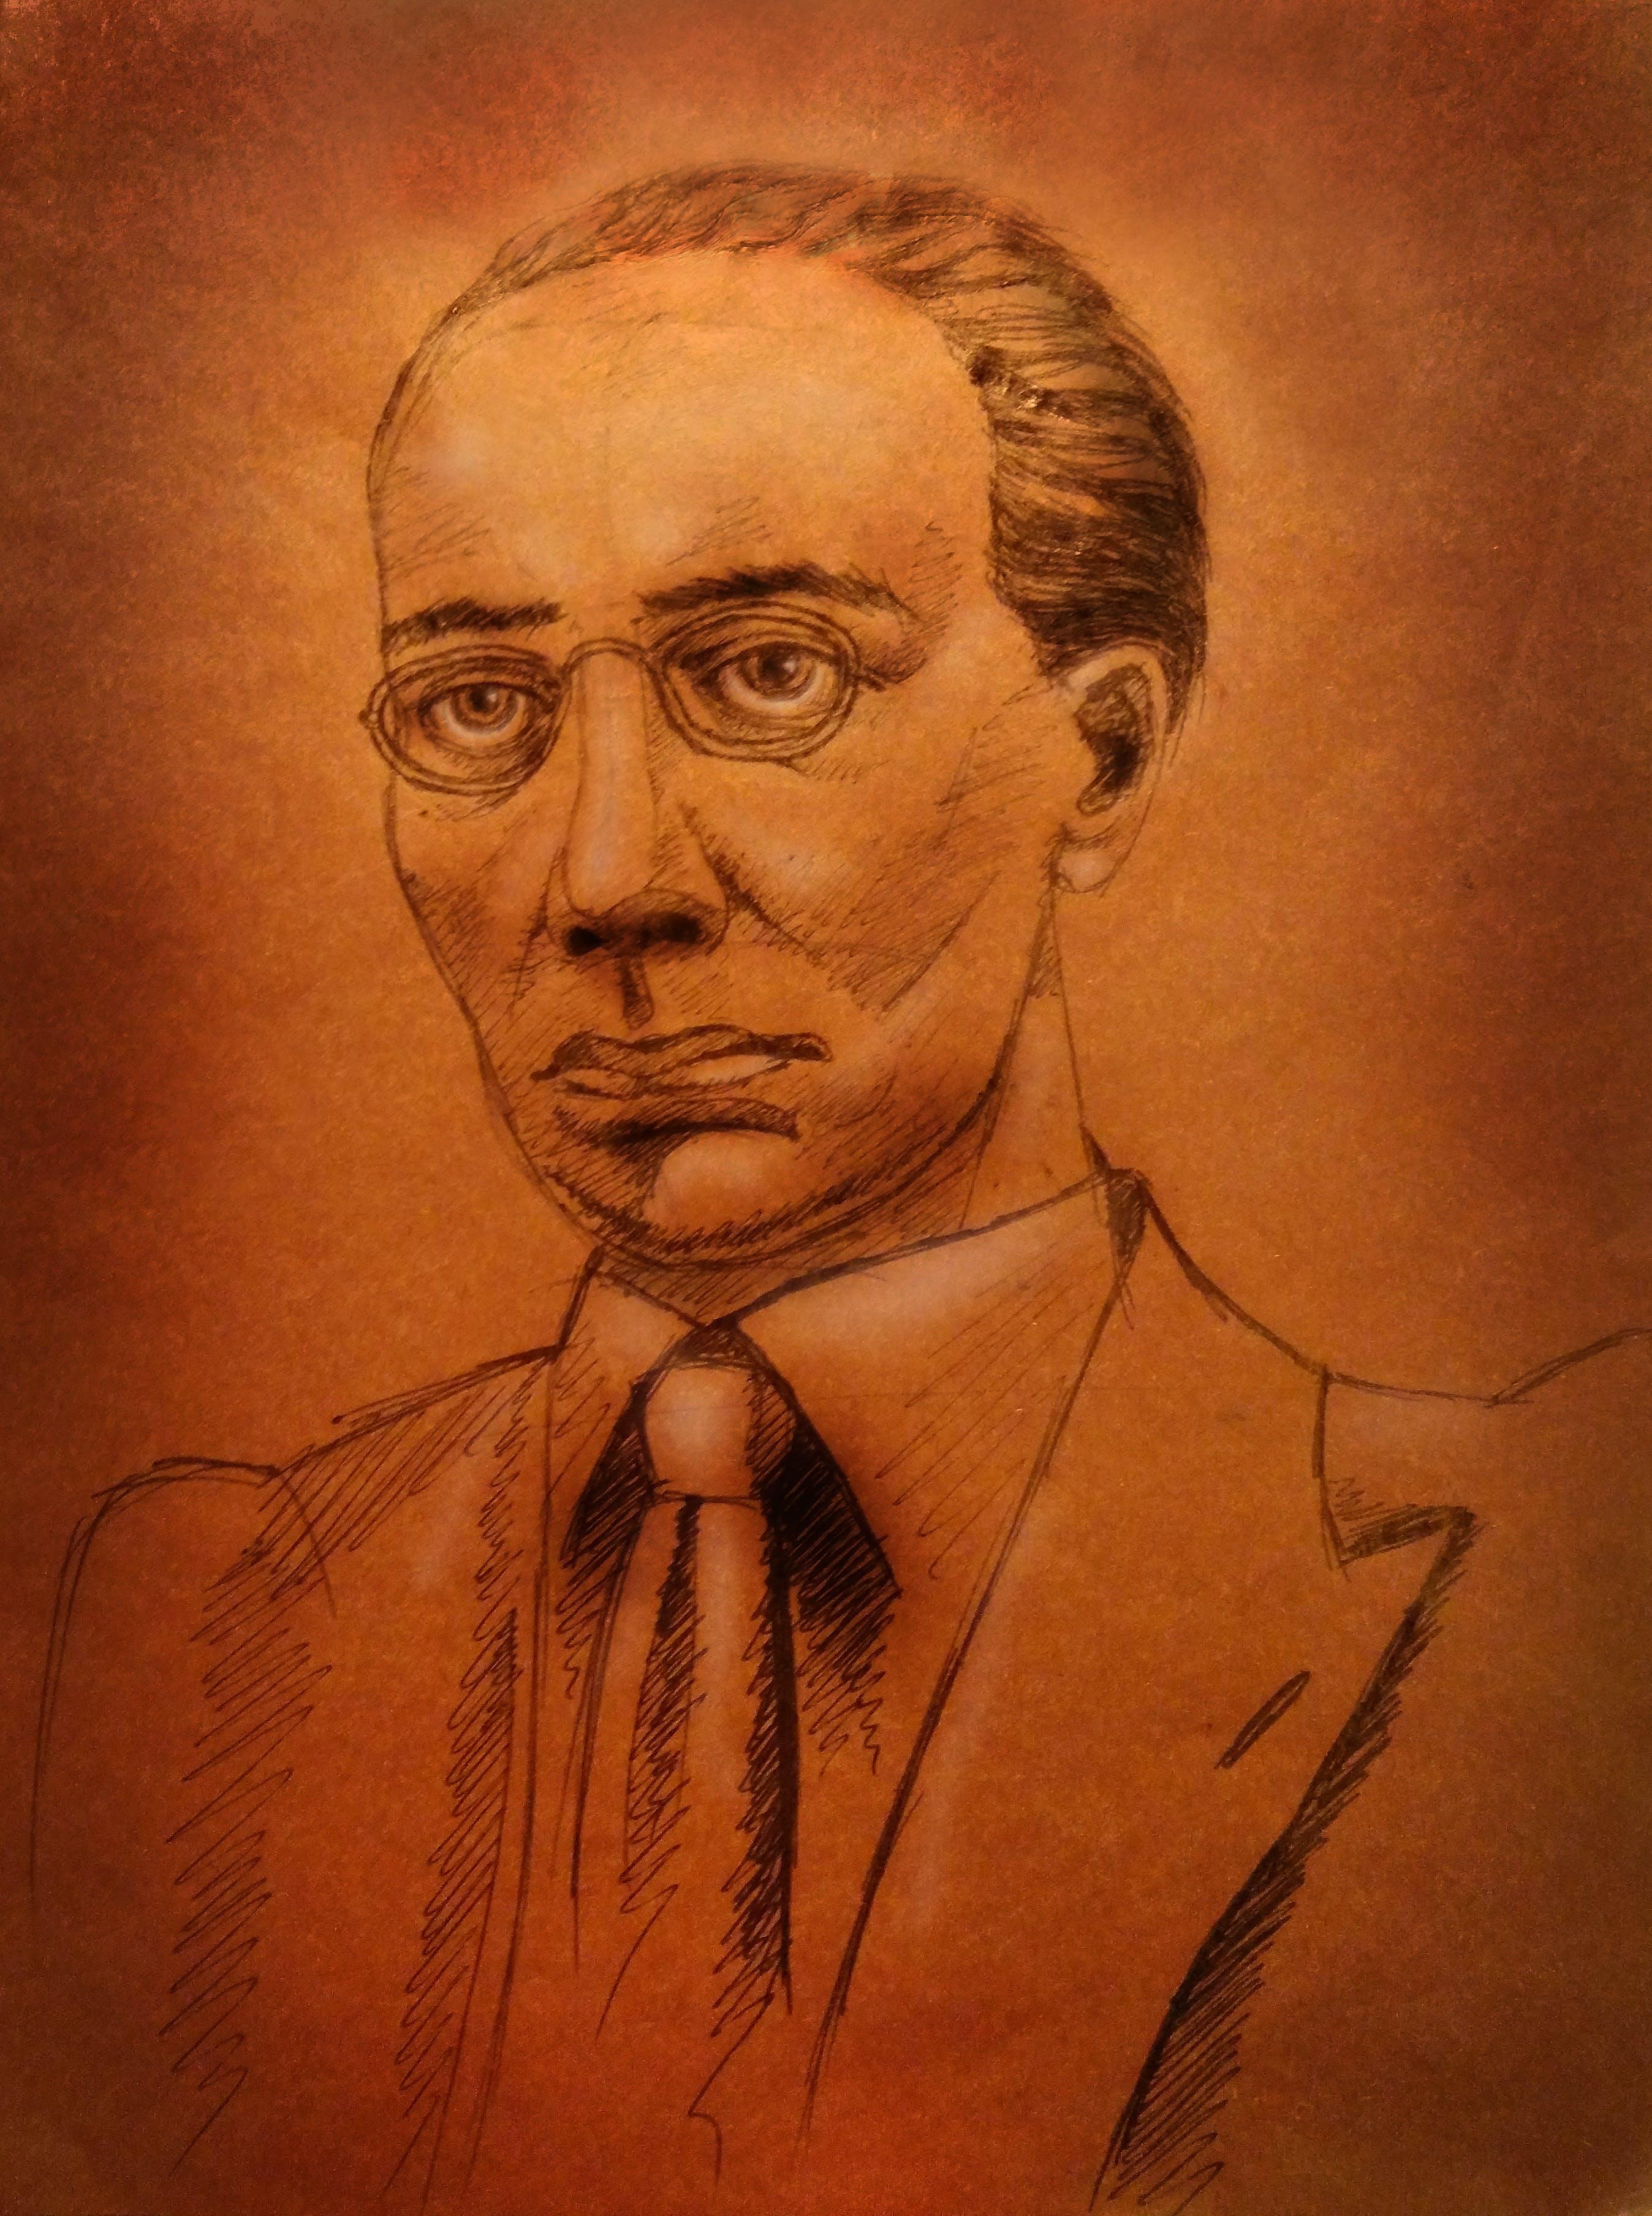 of Alexander Belyaev, Александр Беляев, русский писатель